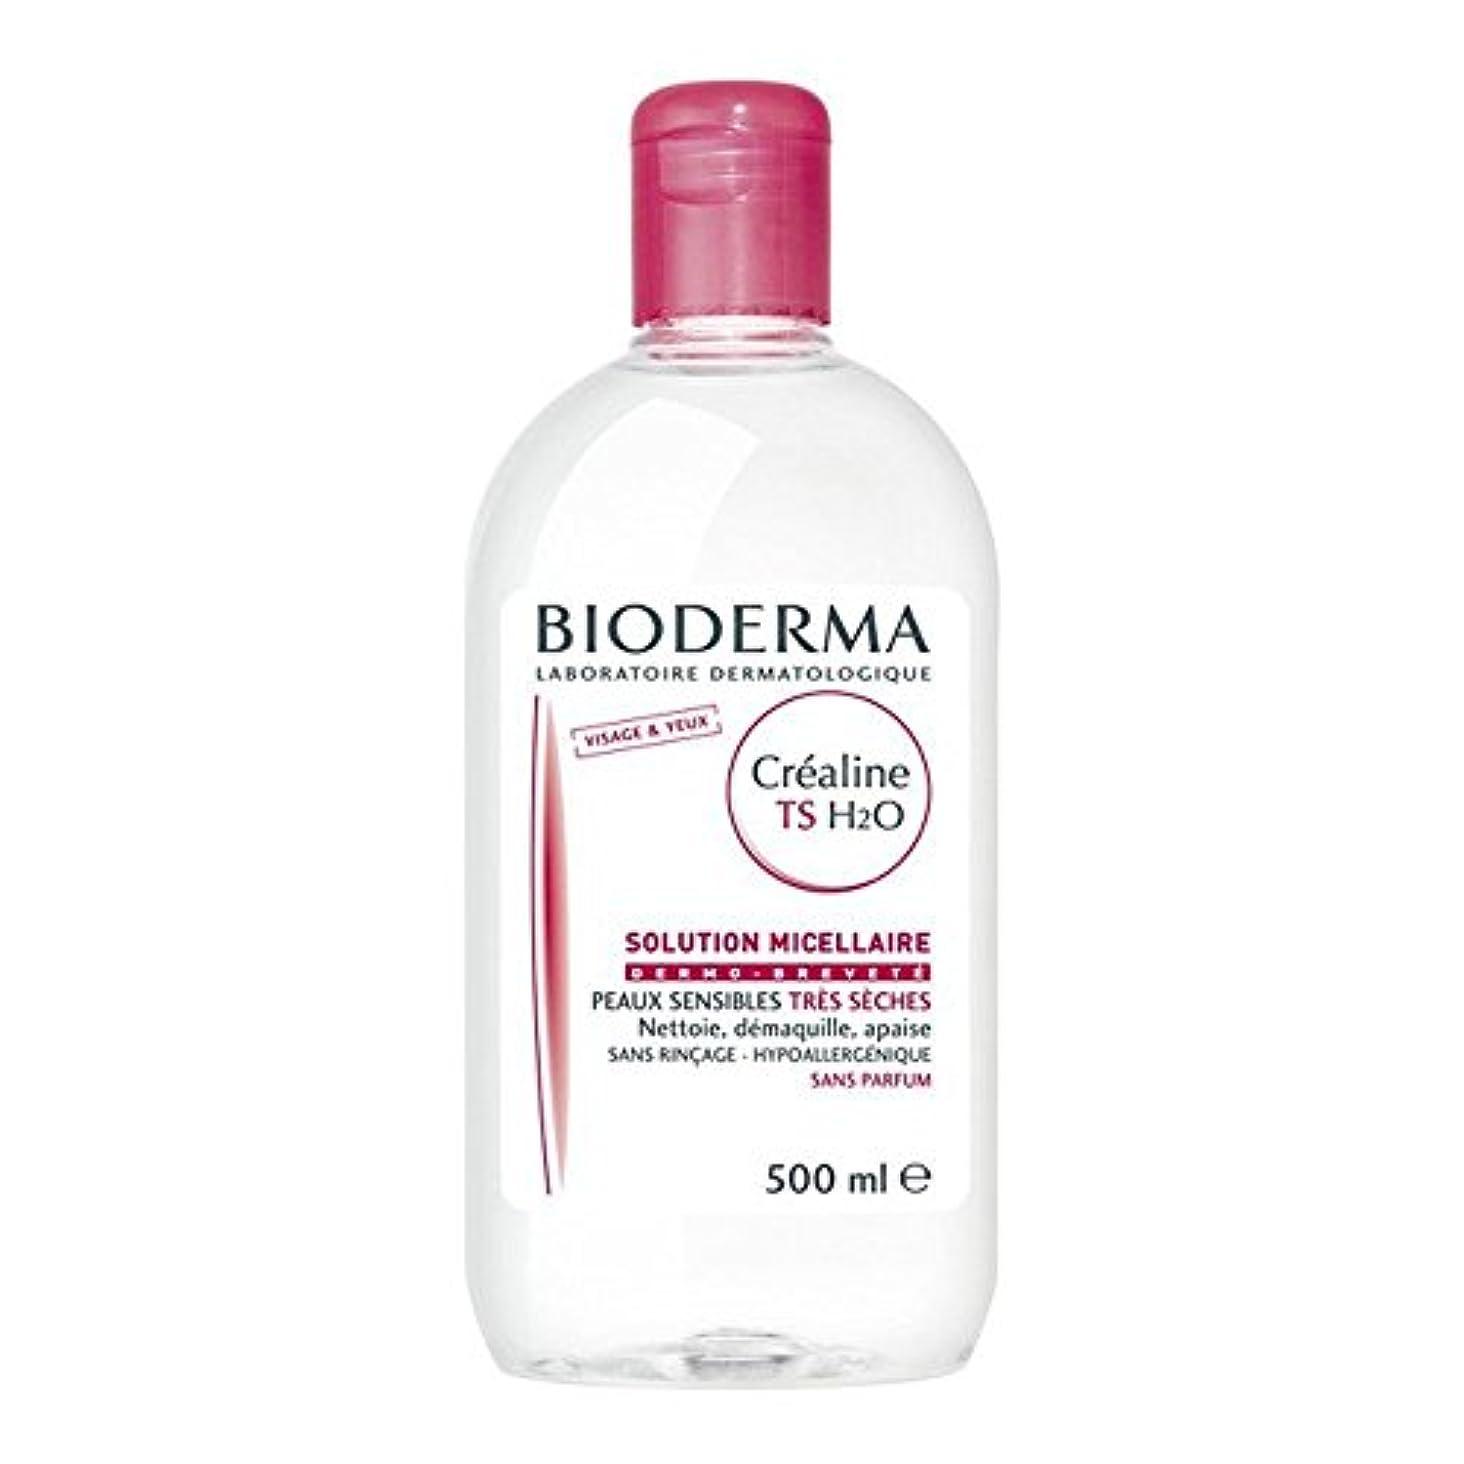 ビオデルマ サンシビオ H2O(エイチ ツーオー)【ベリードライ 乾燥肌用 TS】 500ml